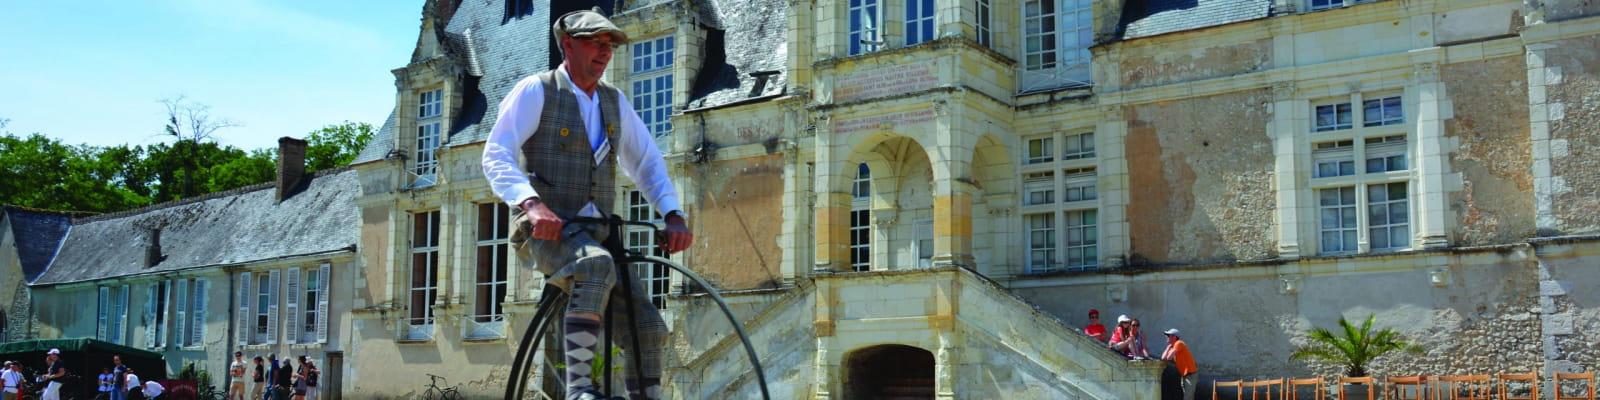 Vélo devant le château de Villesavin